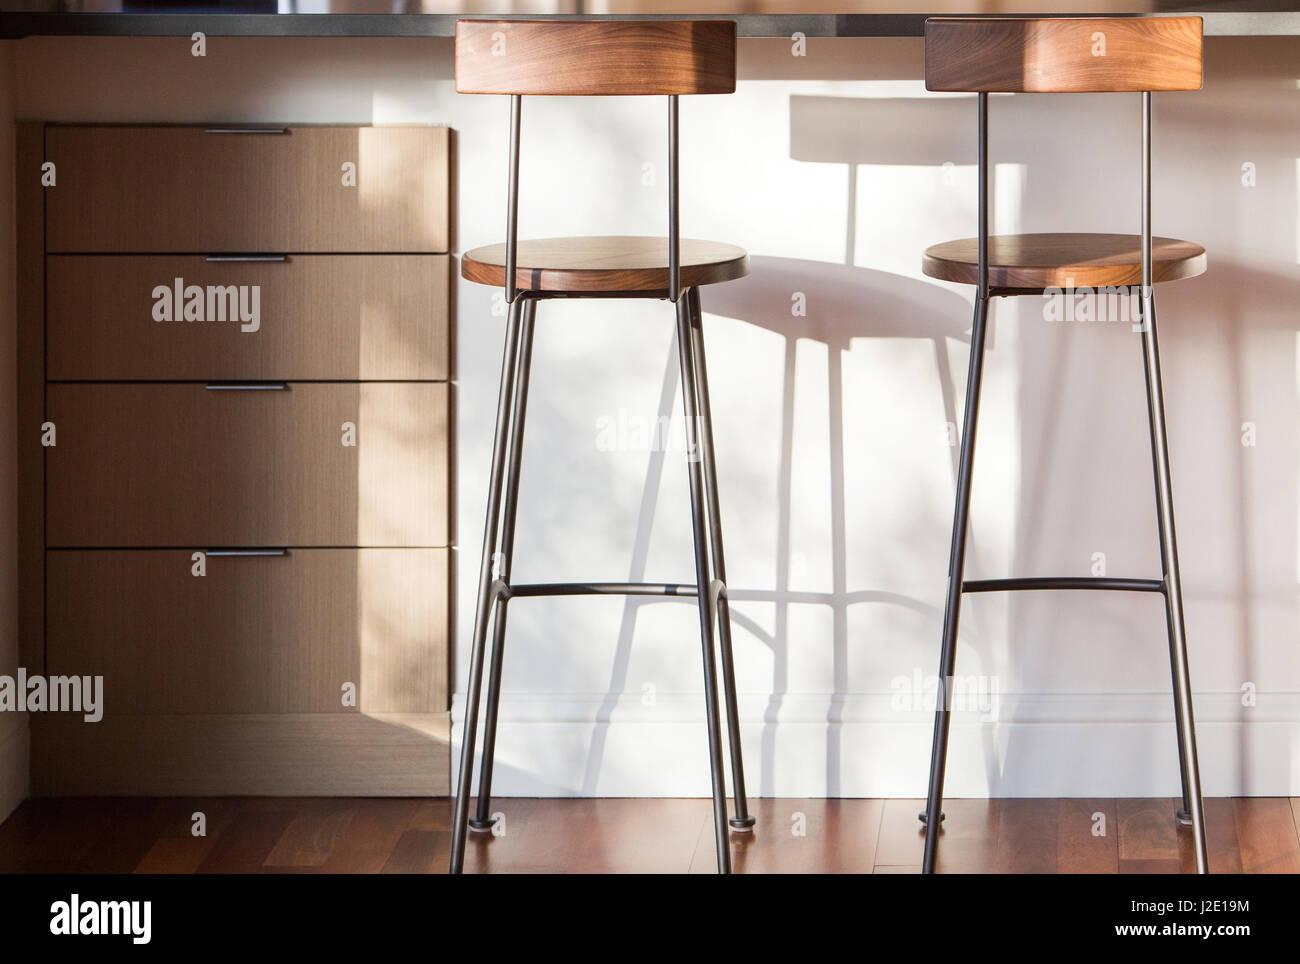 Küche Hocker und Schubladen unter Theke, Küche renovieren Stockfoto ...